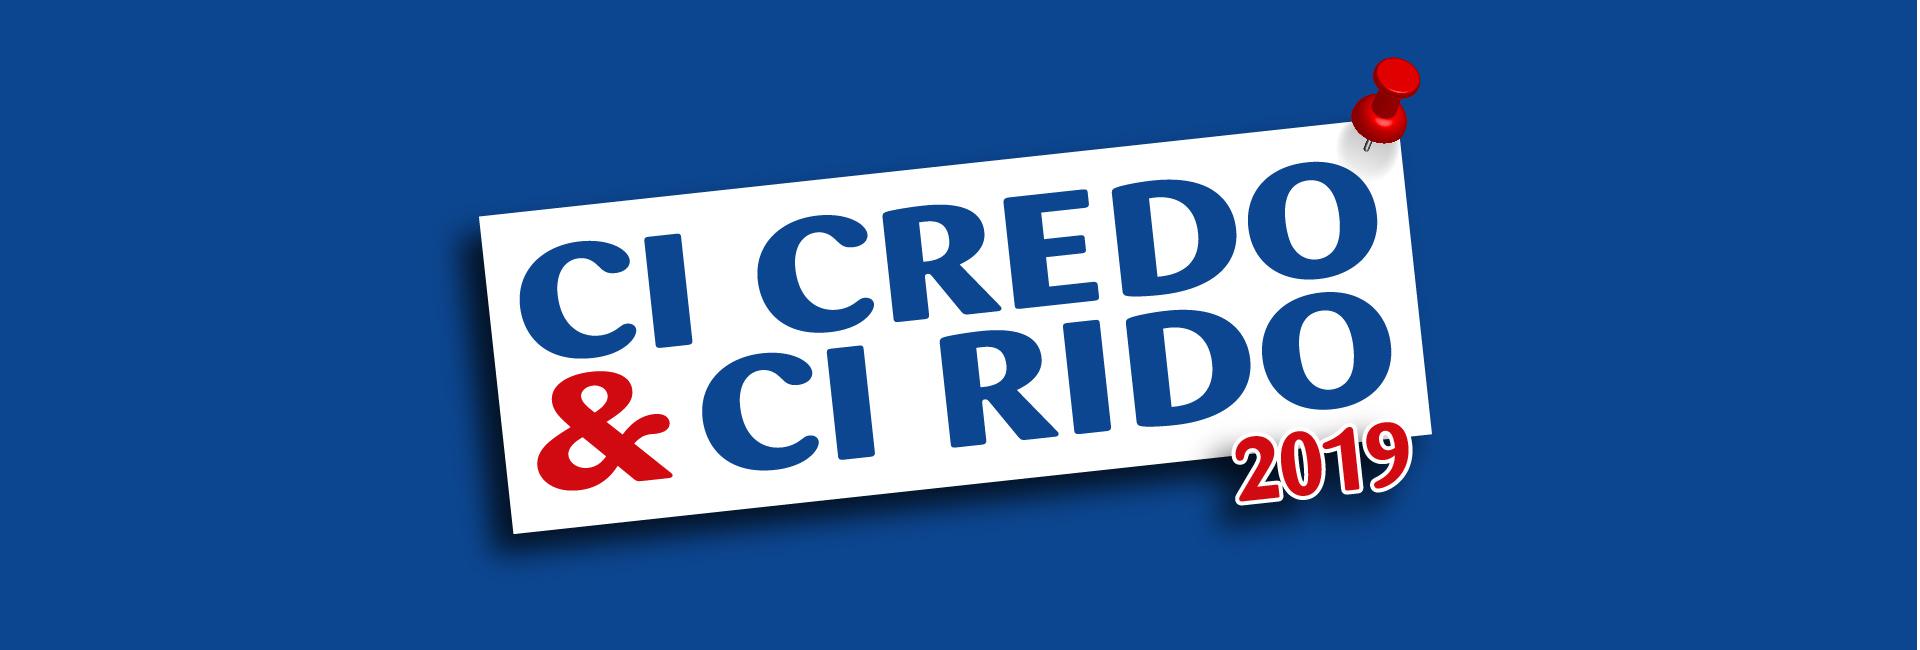 ci-credo-ci-rido-anffas-2019